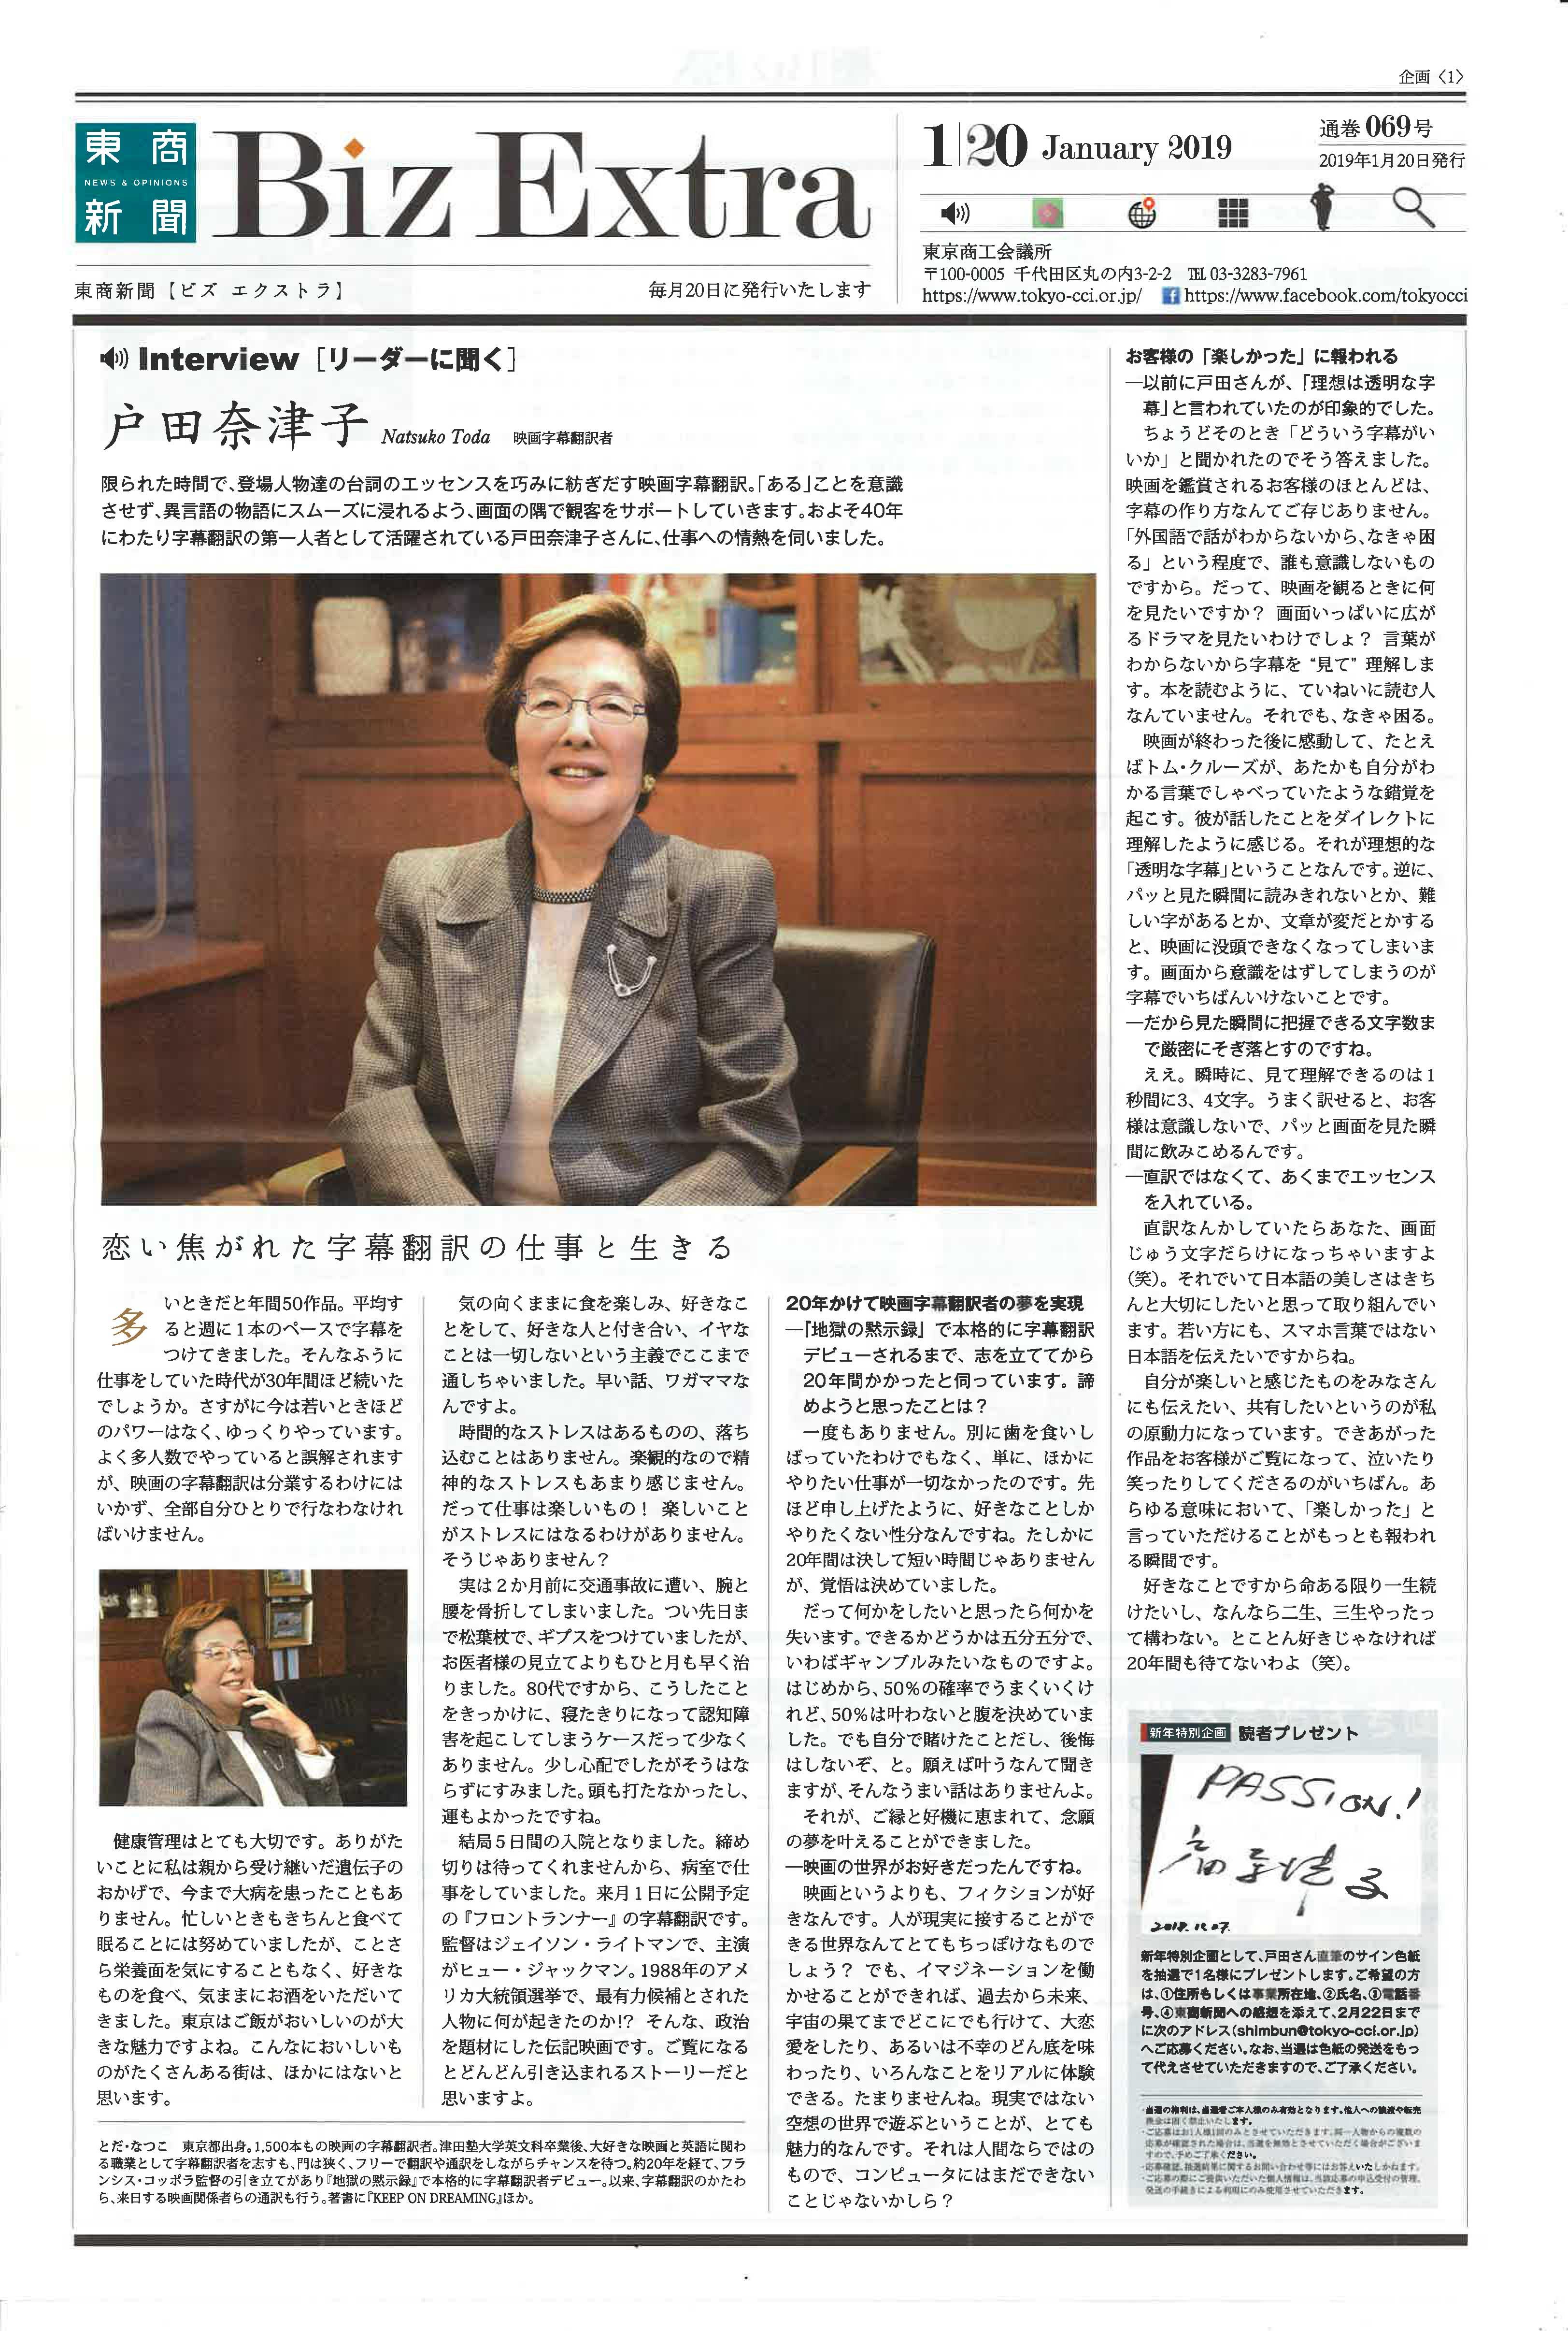 「東商新聞  Biz Extra」January 2019 通巻069号